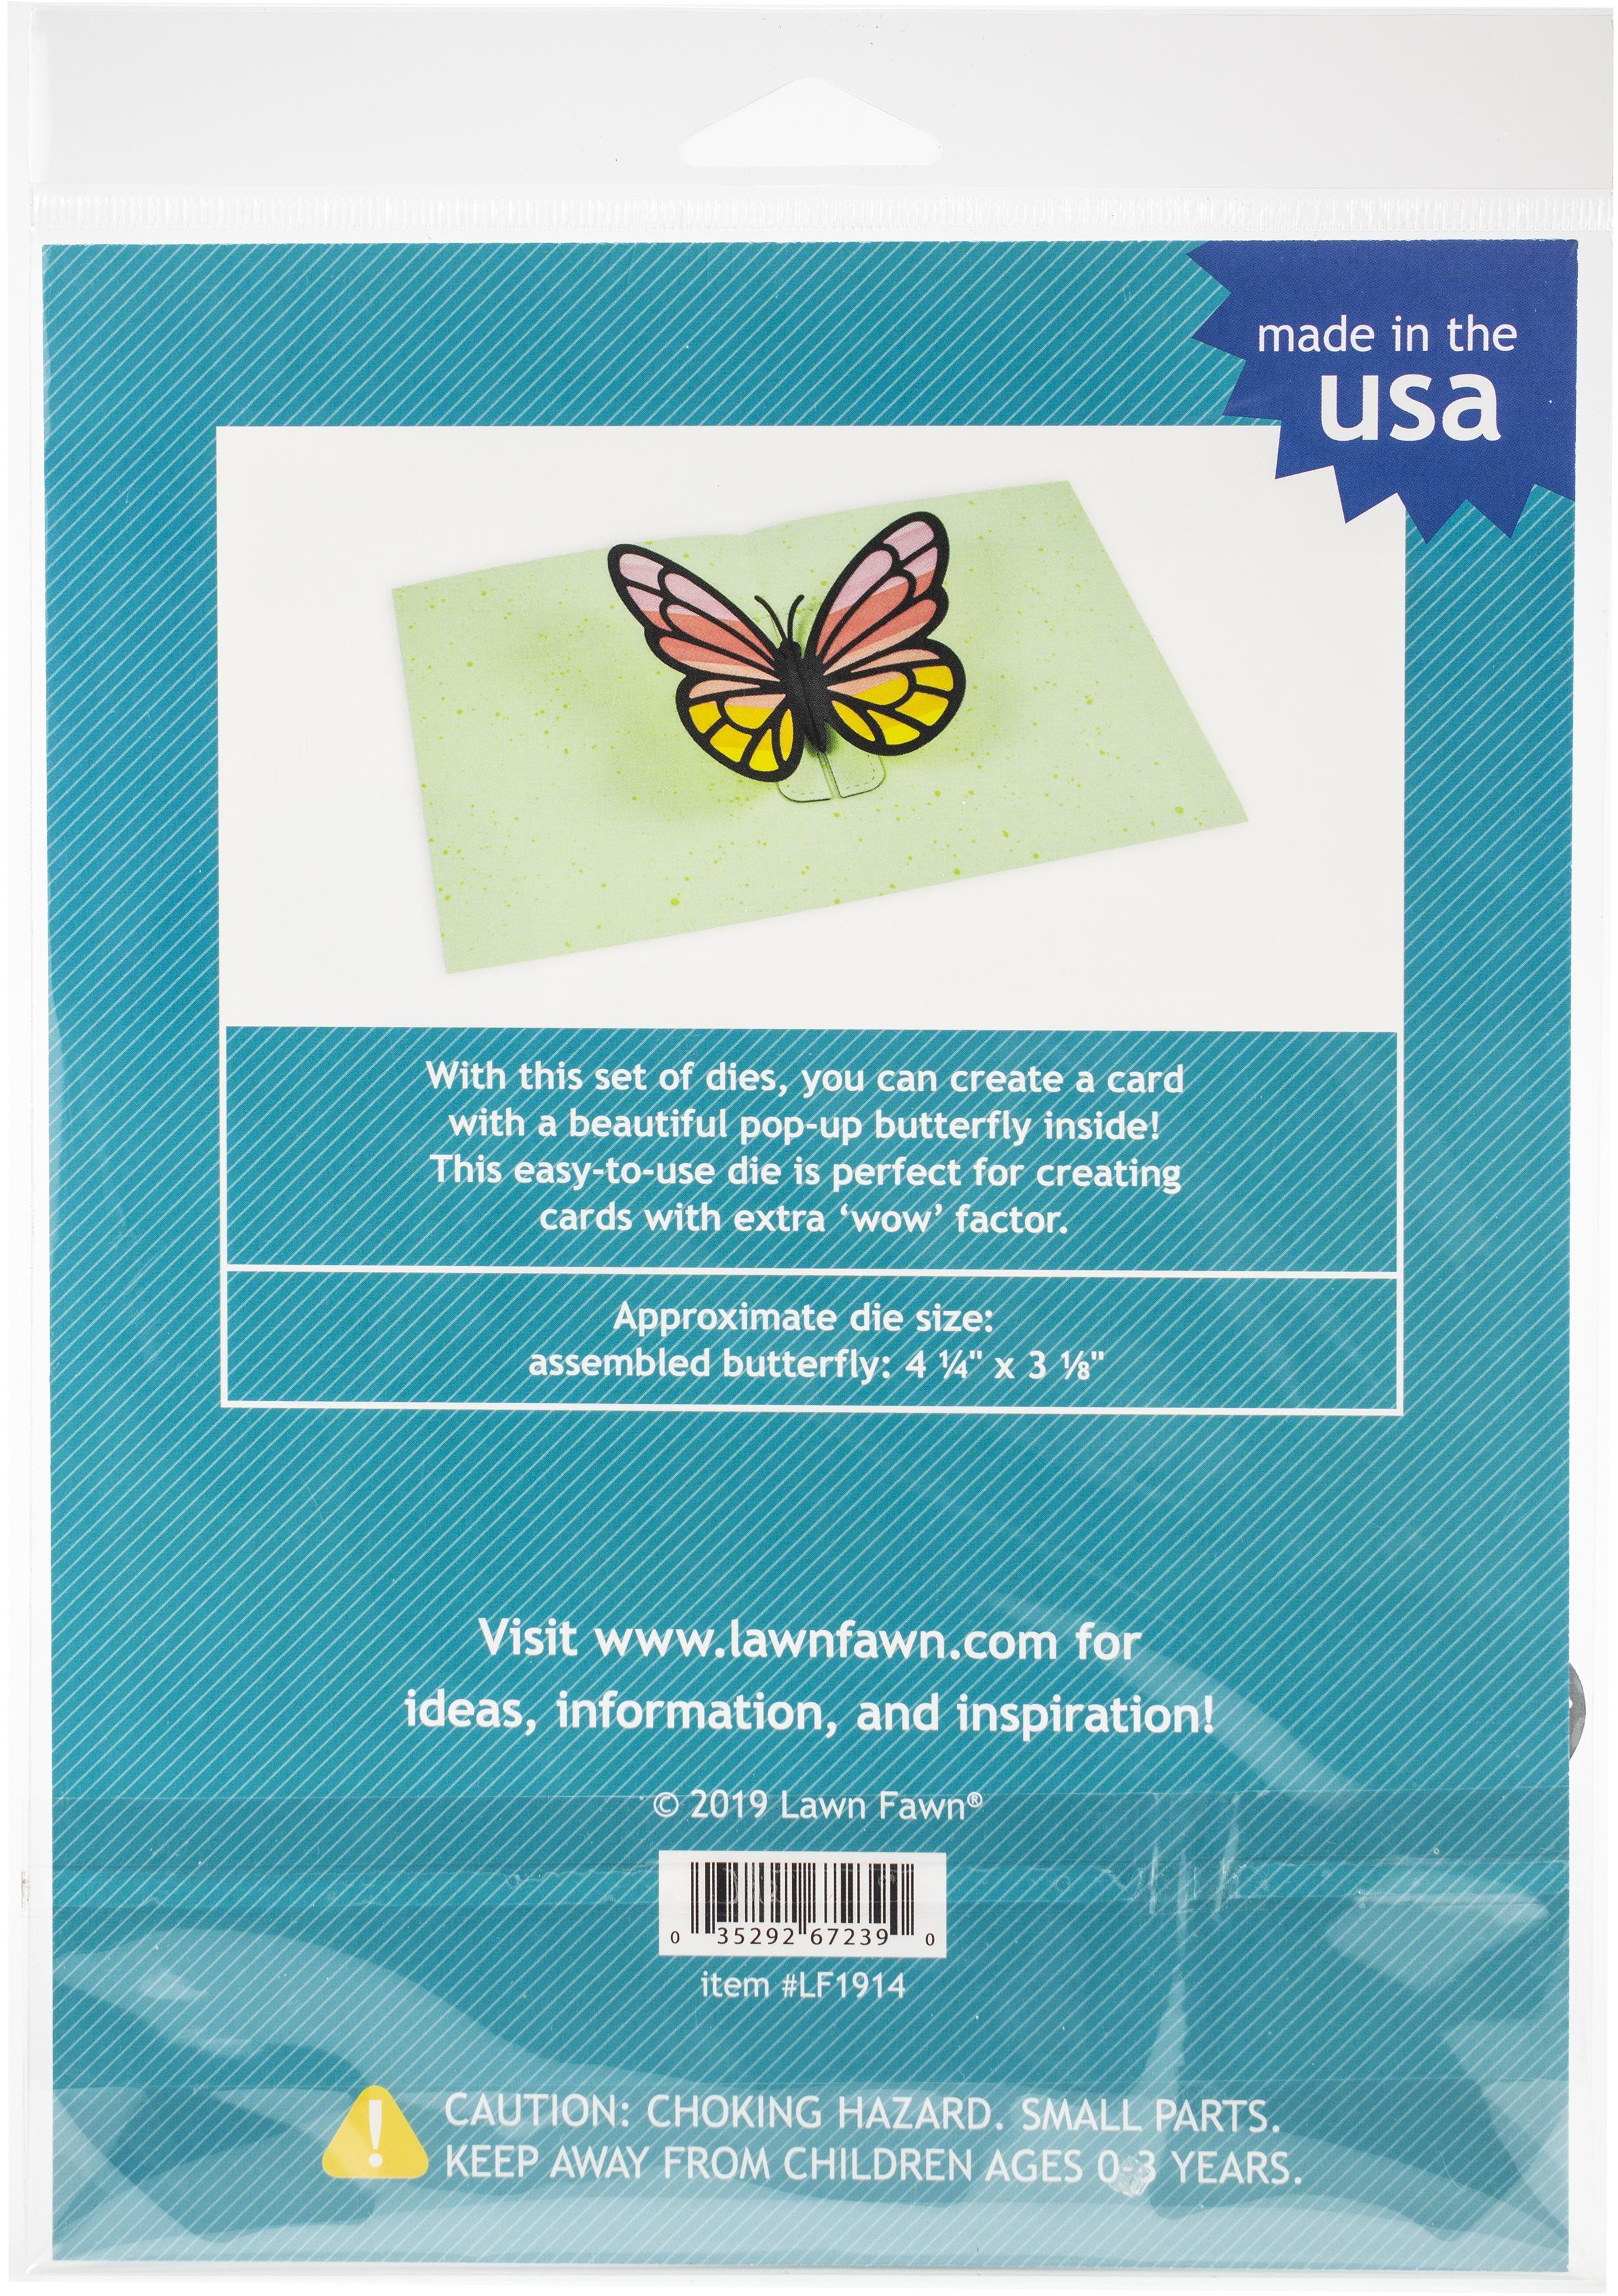 LF1914 Pop Up Butterfly Dies